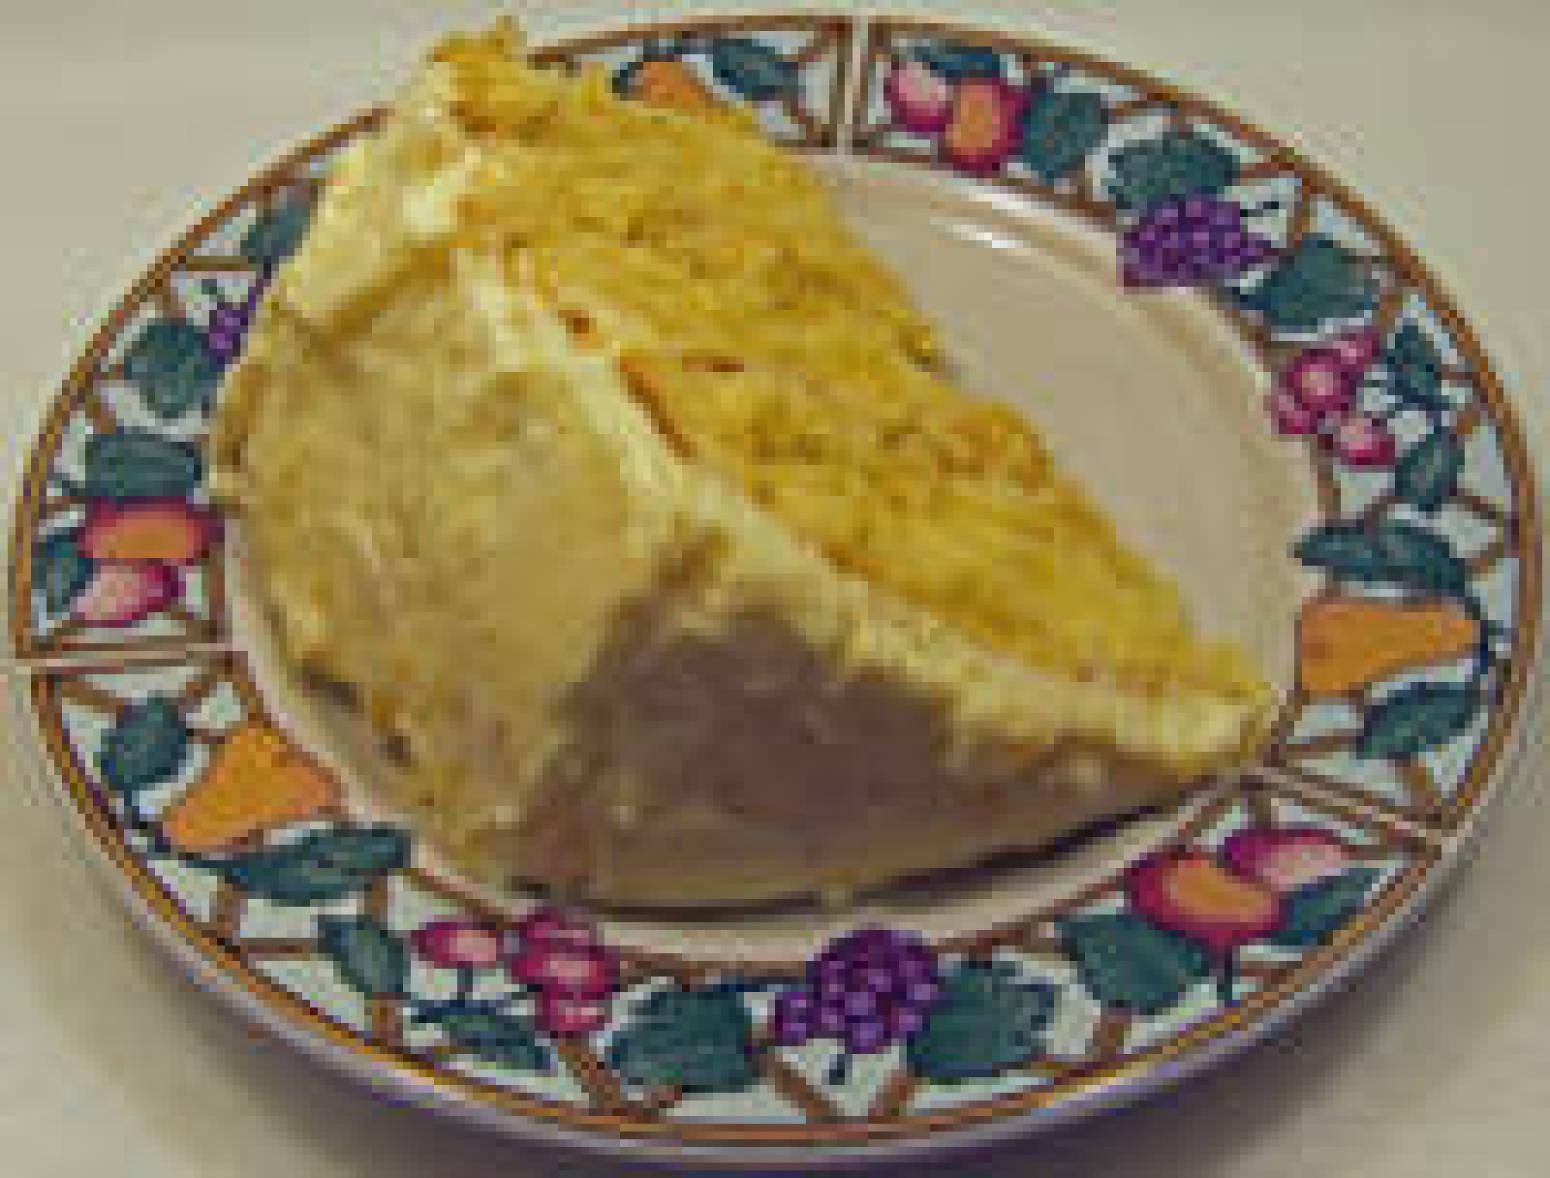 Mandarin Orange Cake Recipe   Just A Pinch Recipes